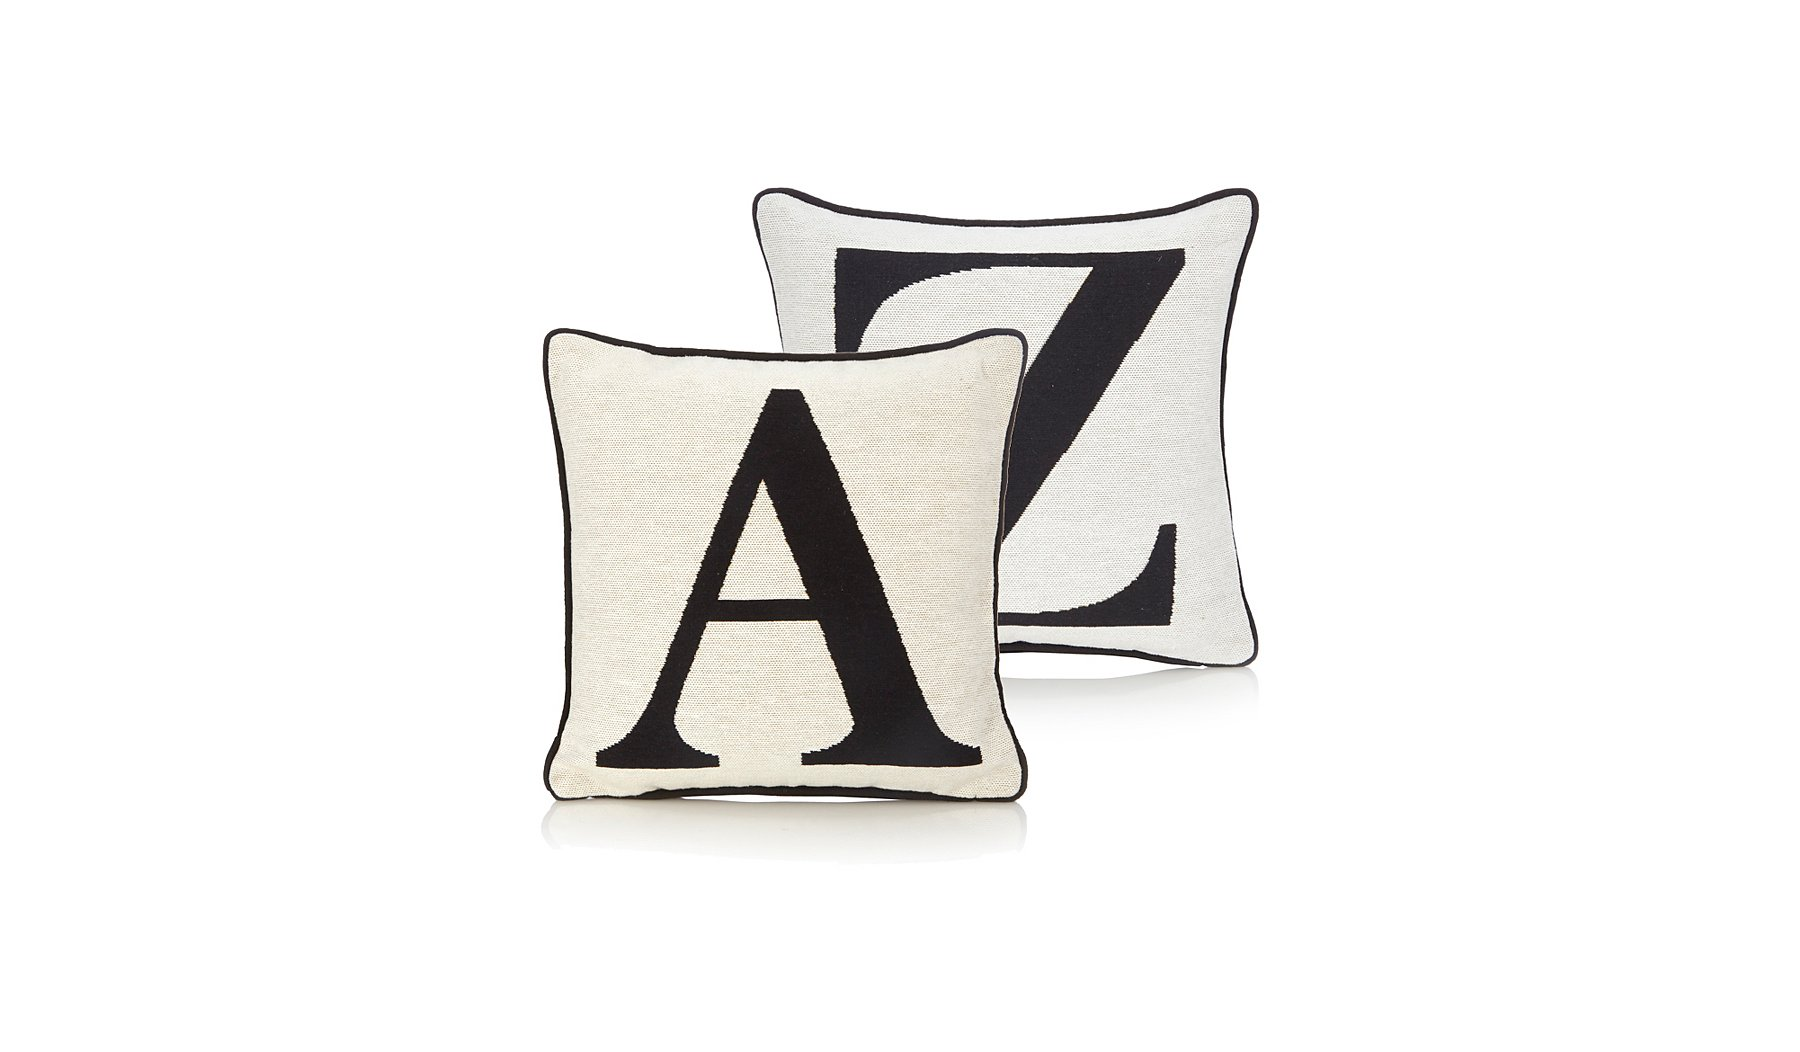 White apron asda - White Apron Asda 74